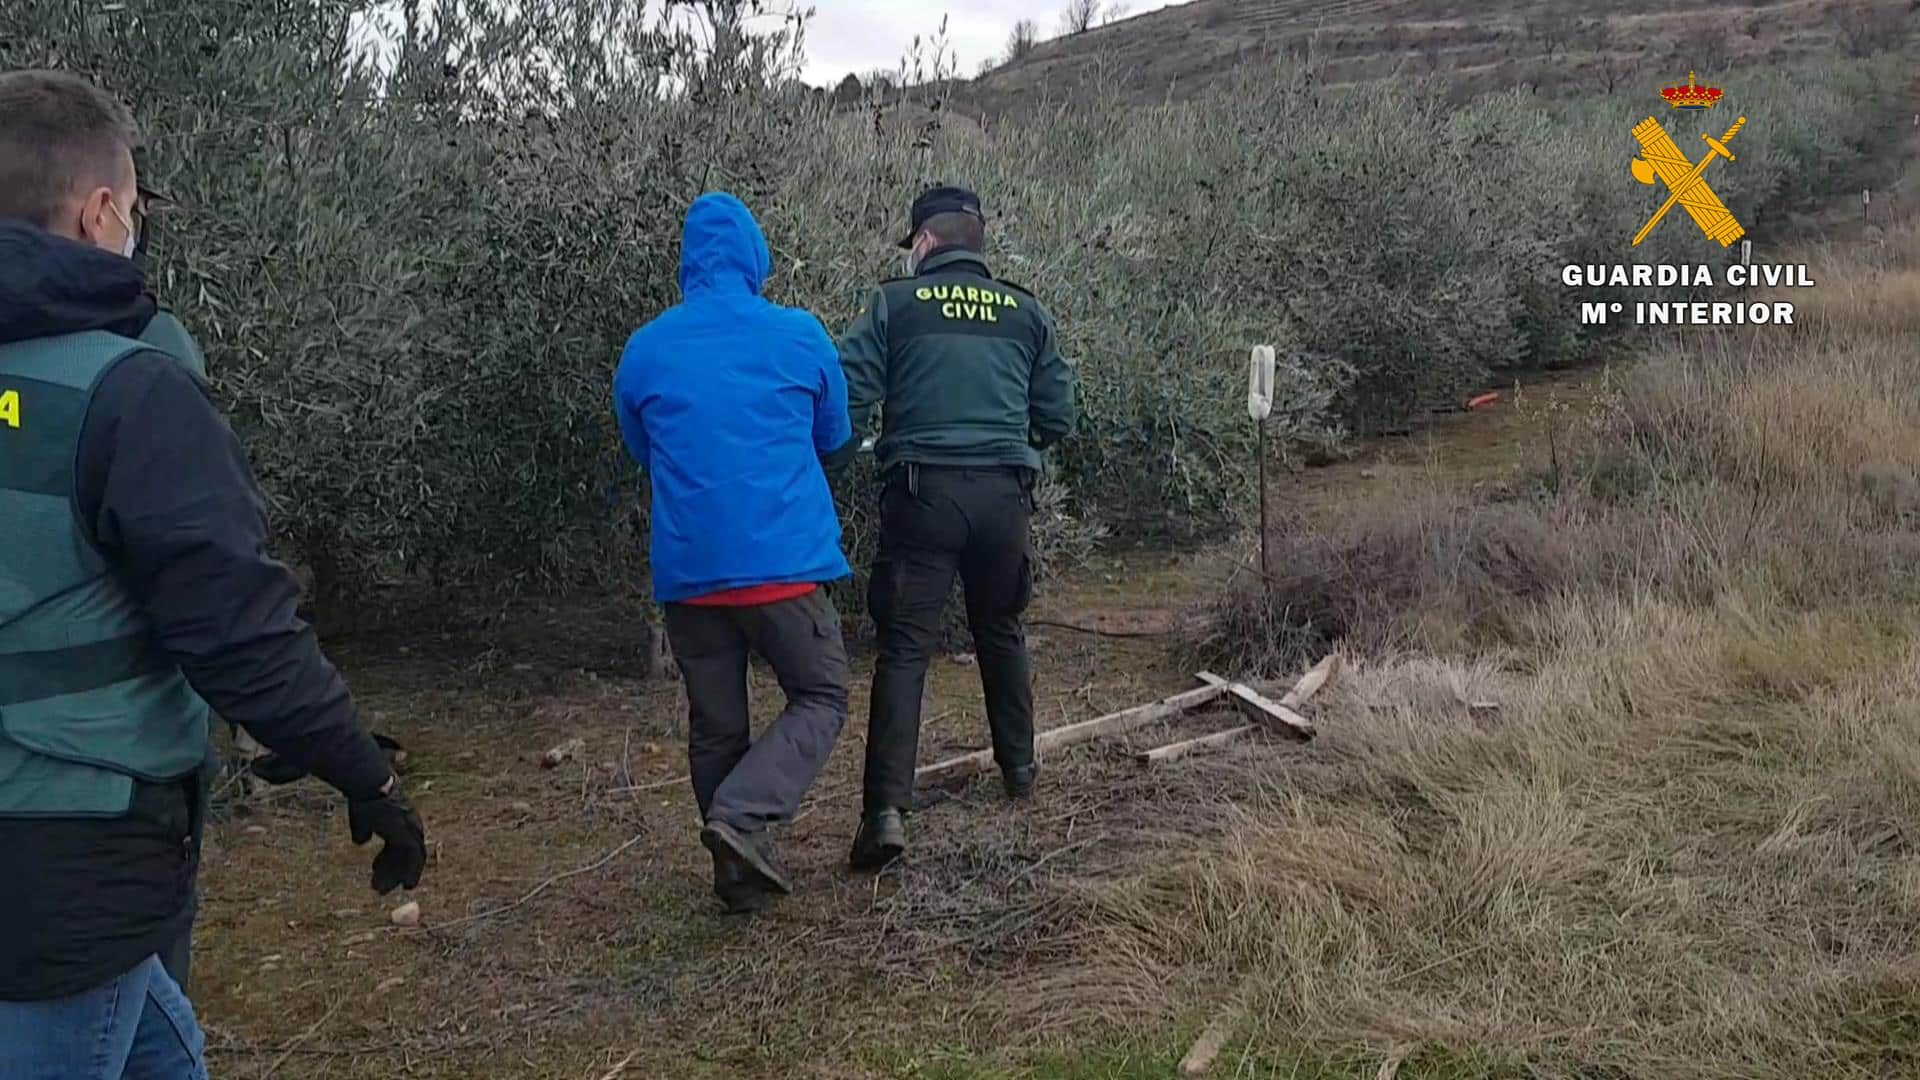 La Guardia Civil detiene al presunto autor del robo de varios contenedores en La Rioja 3